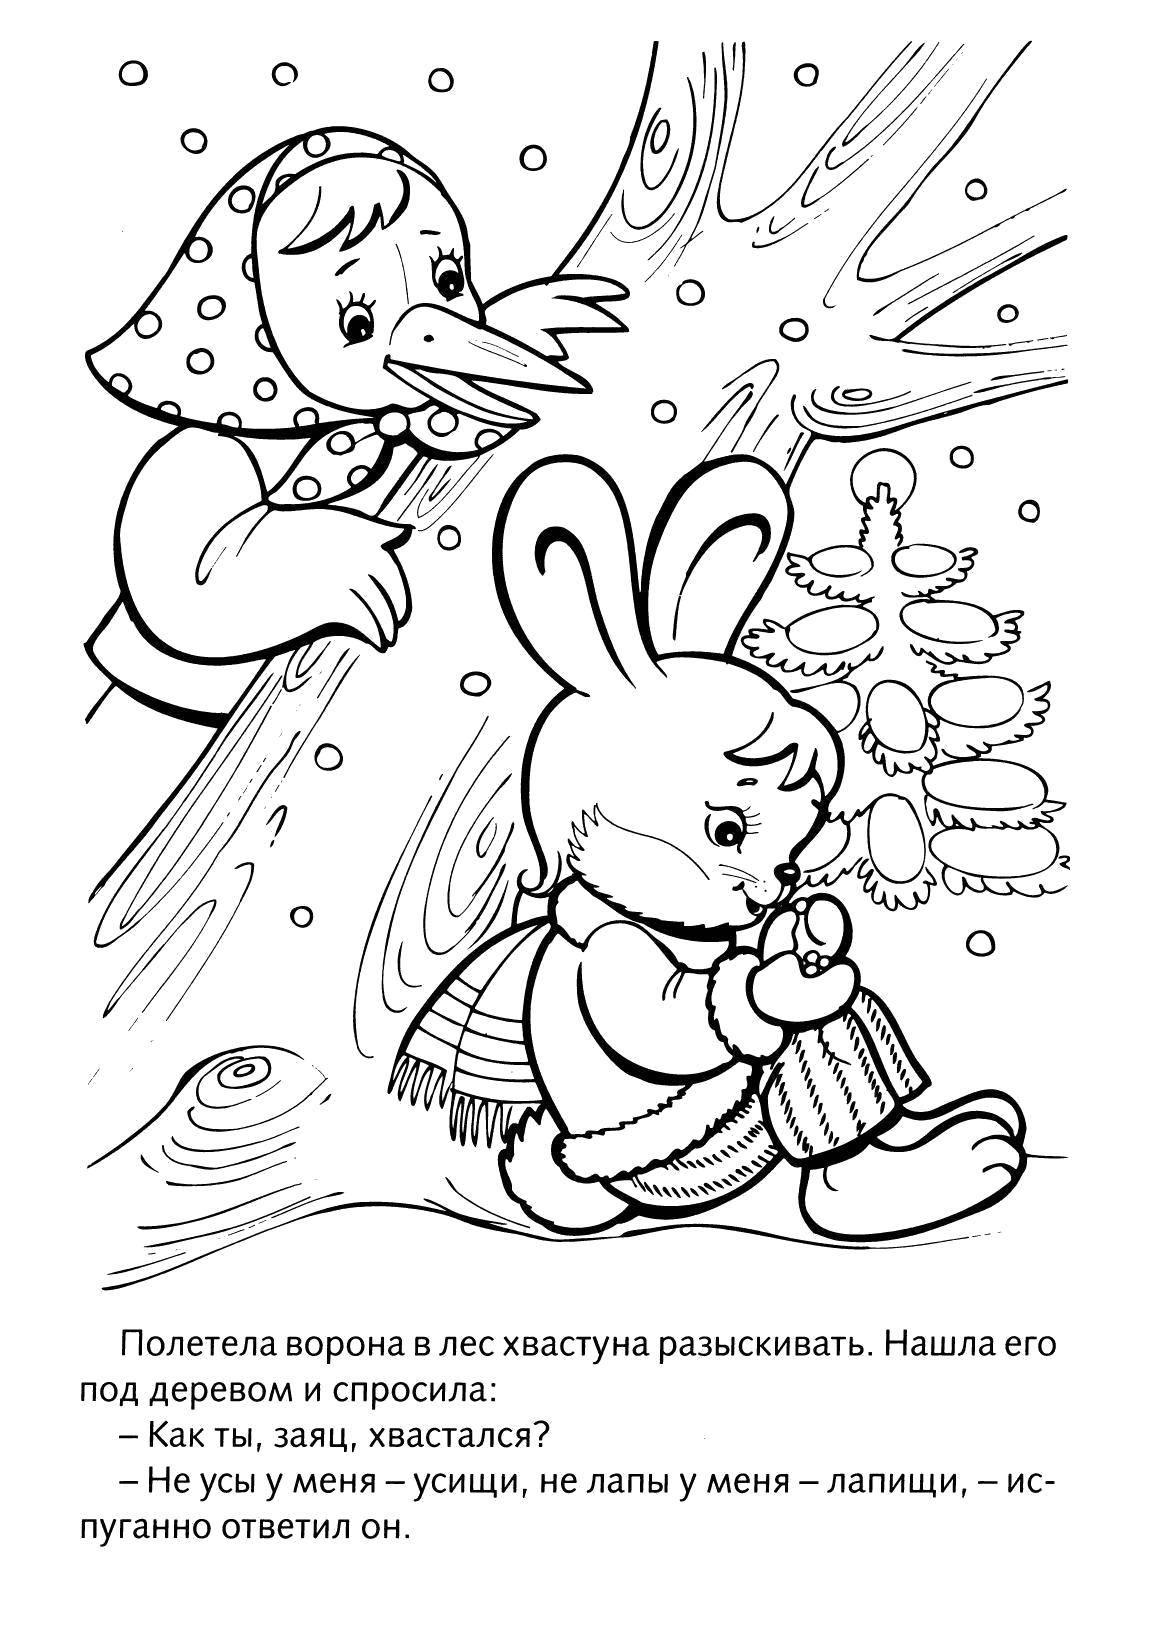 картинки к сказке заяц хваста для раскрашивания хорошего